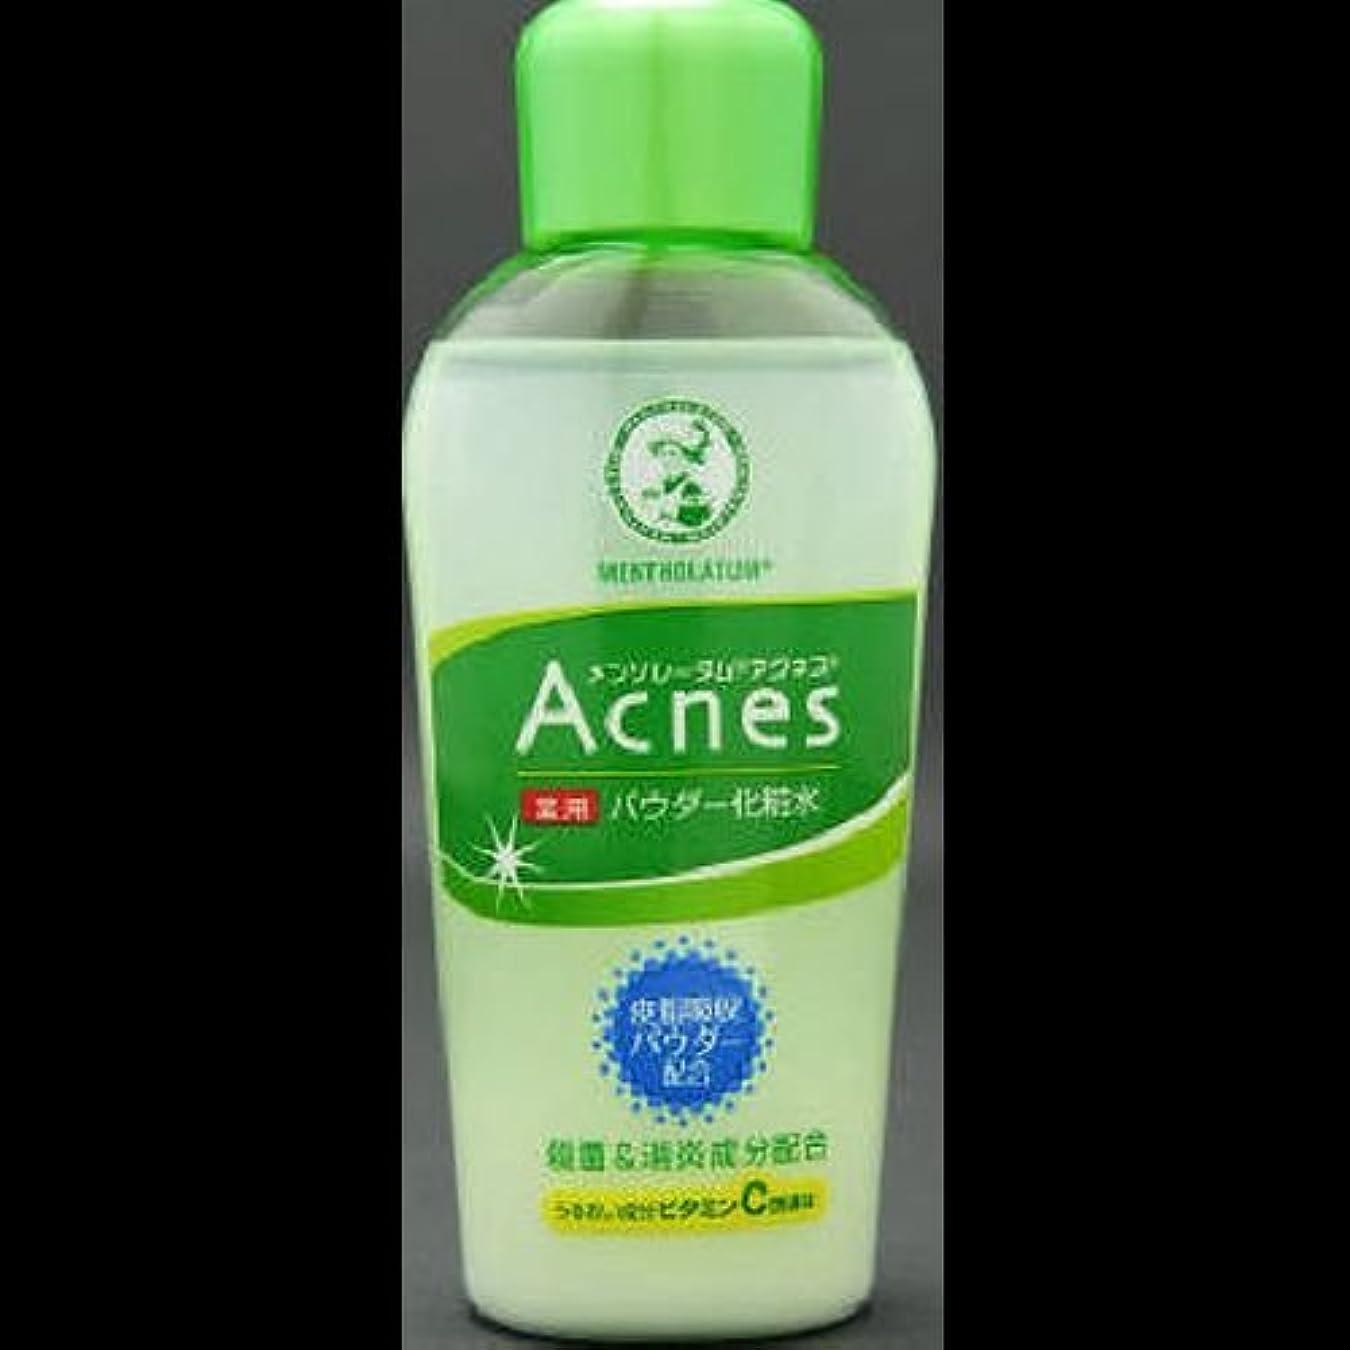 【まとめ買い】メンソレータム アクネス 薬用 パウダー 化粧水 ×2セット